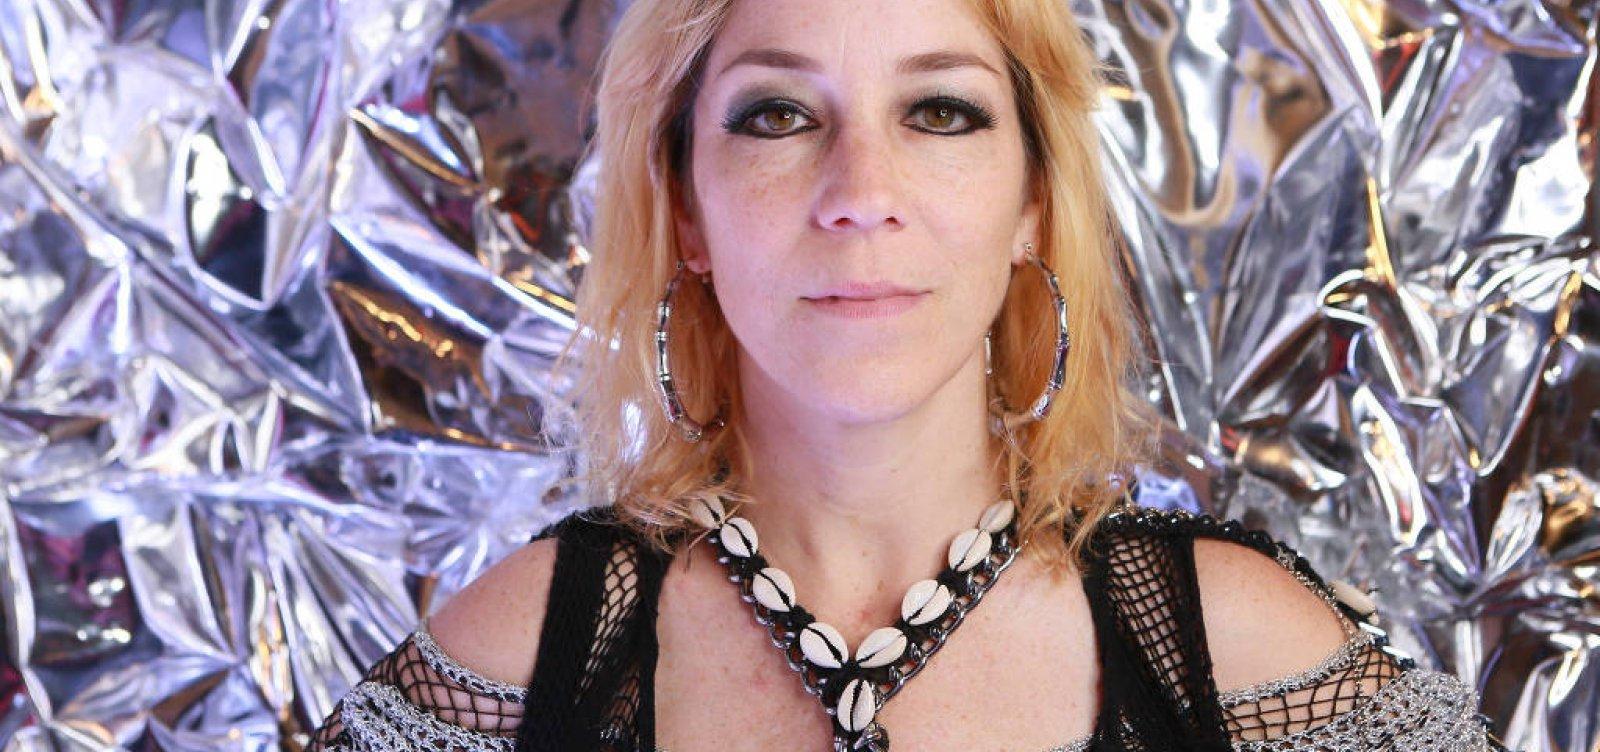 Cantora Karina Buhr diz que foi estuprada várias vezes por babalorixá  - Imagem 2